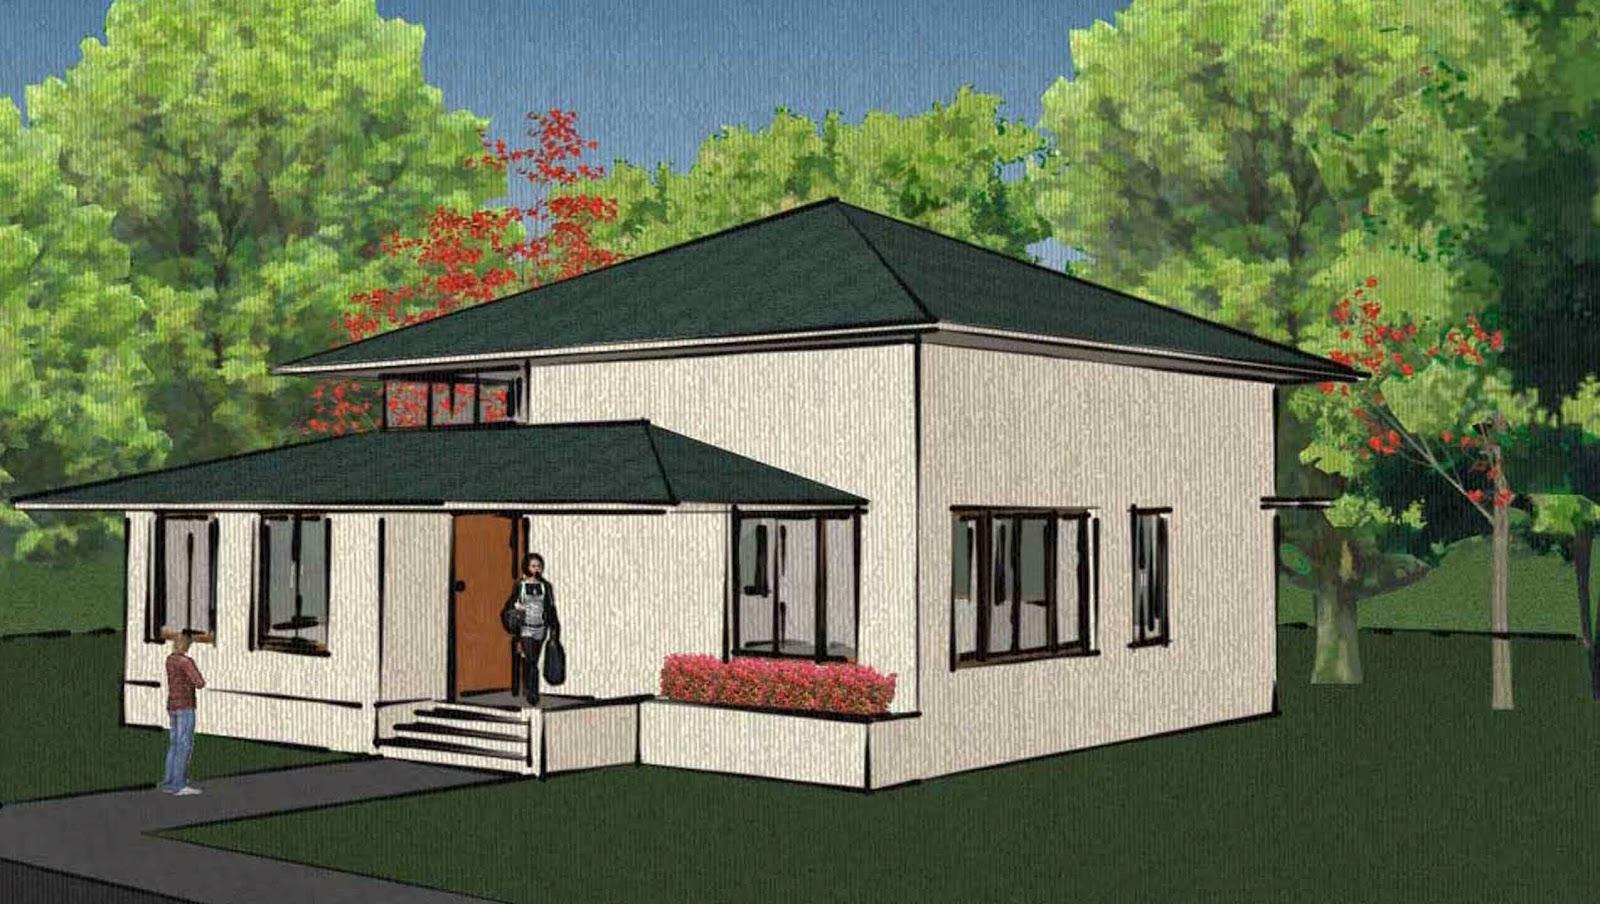 Perencanaan Desain Bangunan Rumah Tinggal